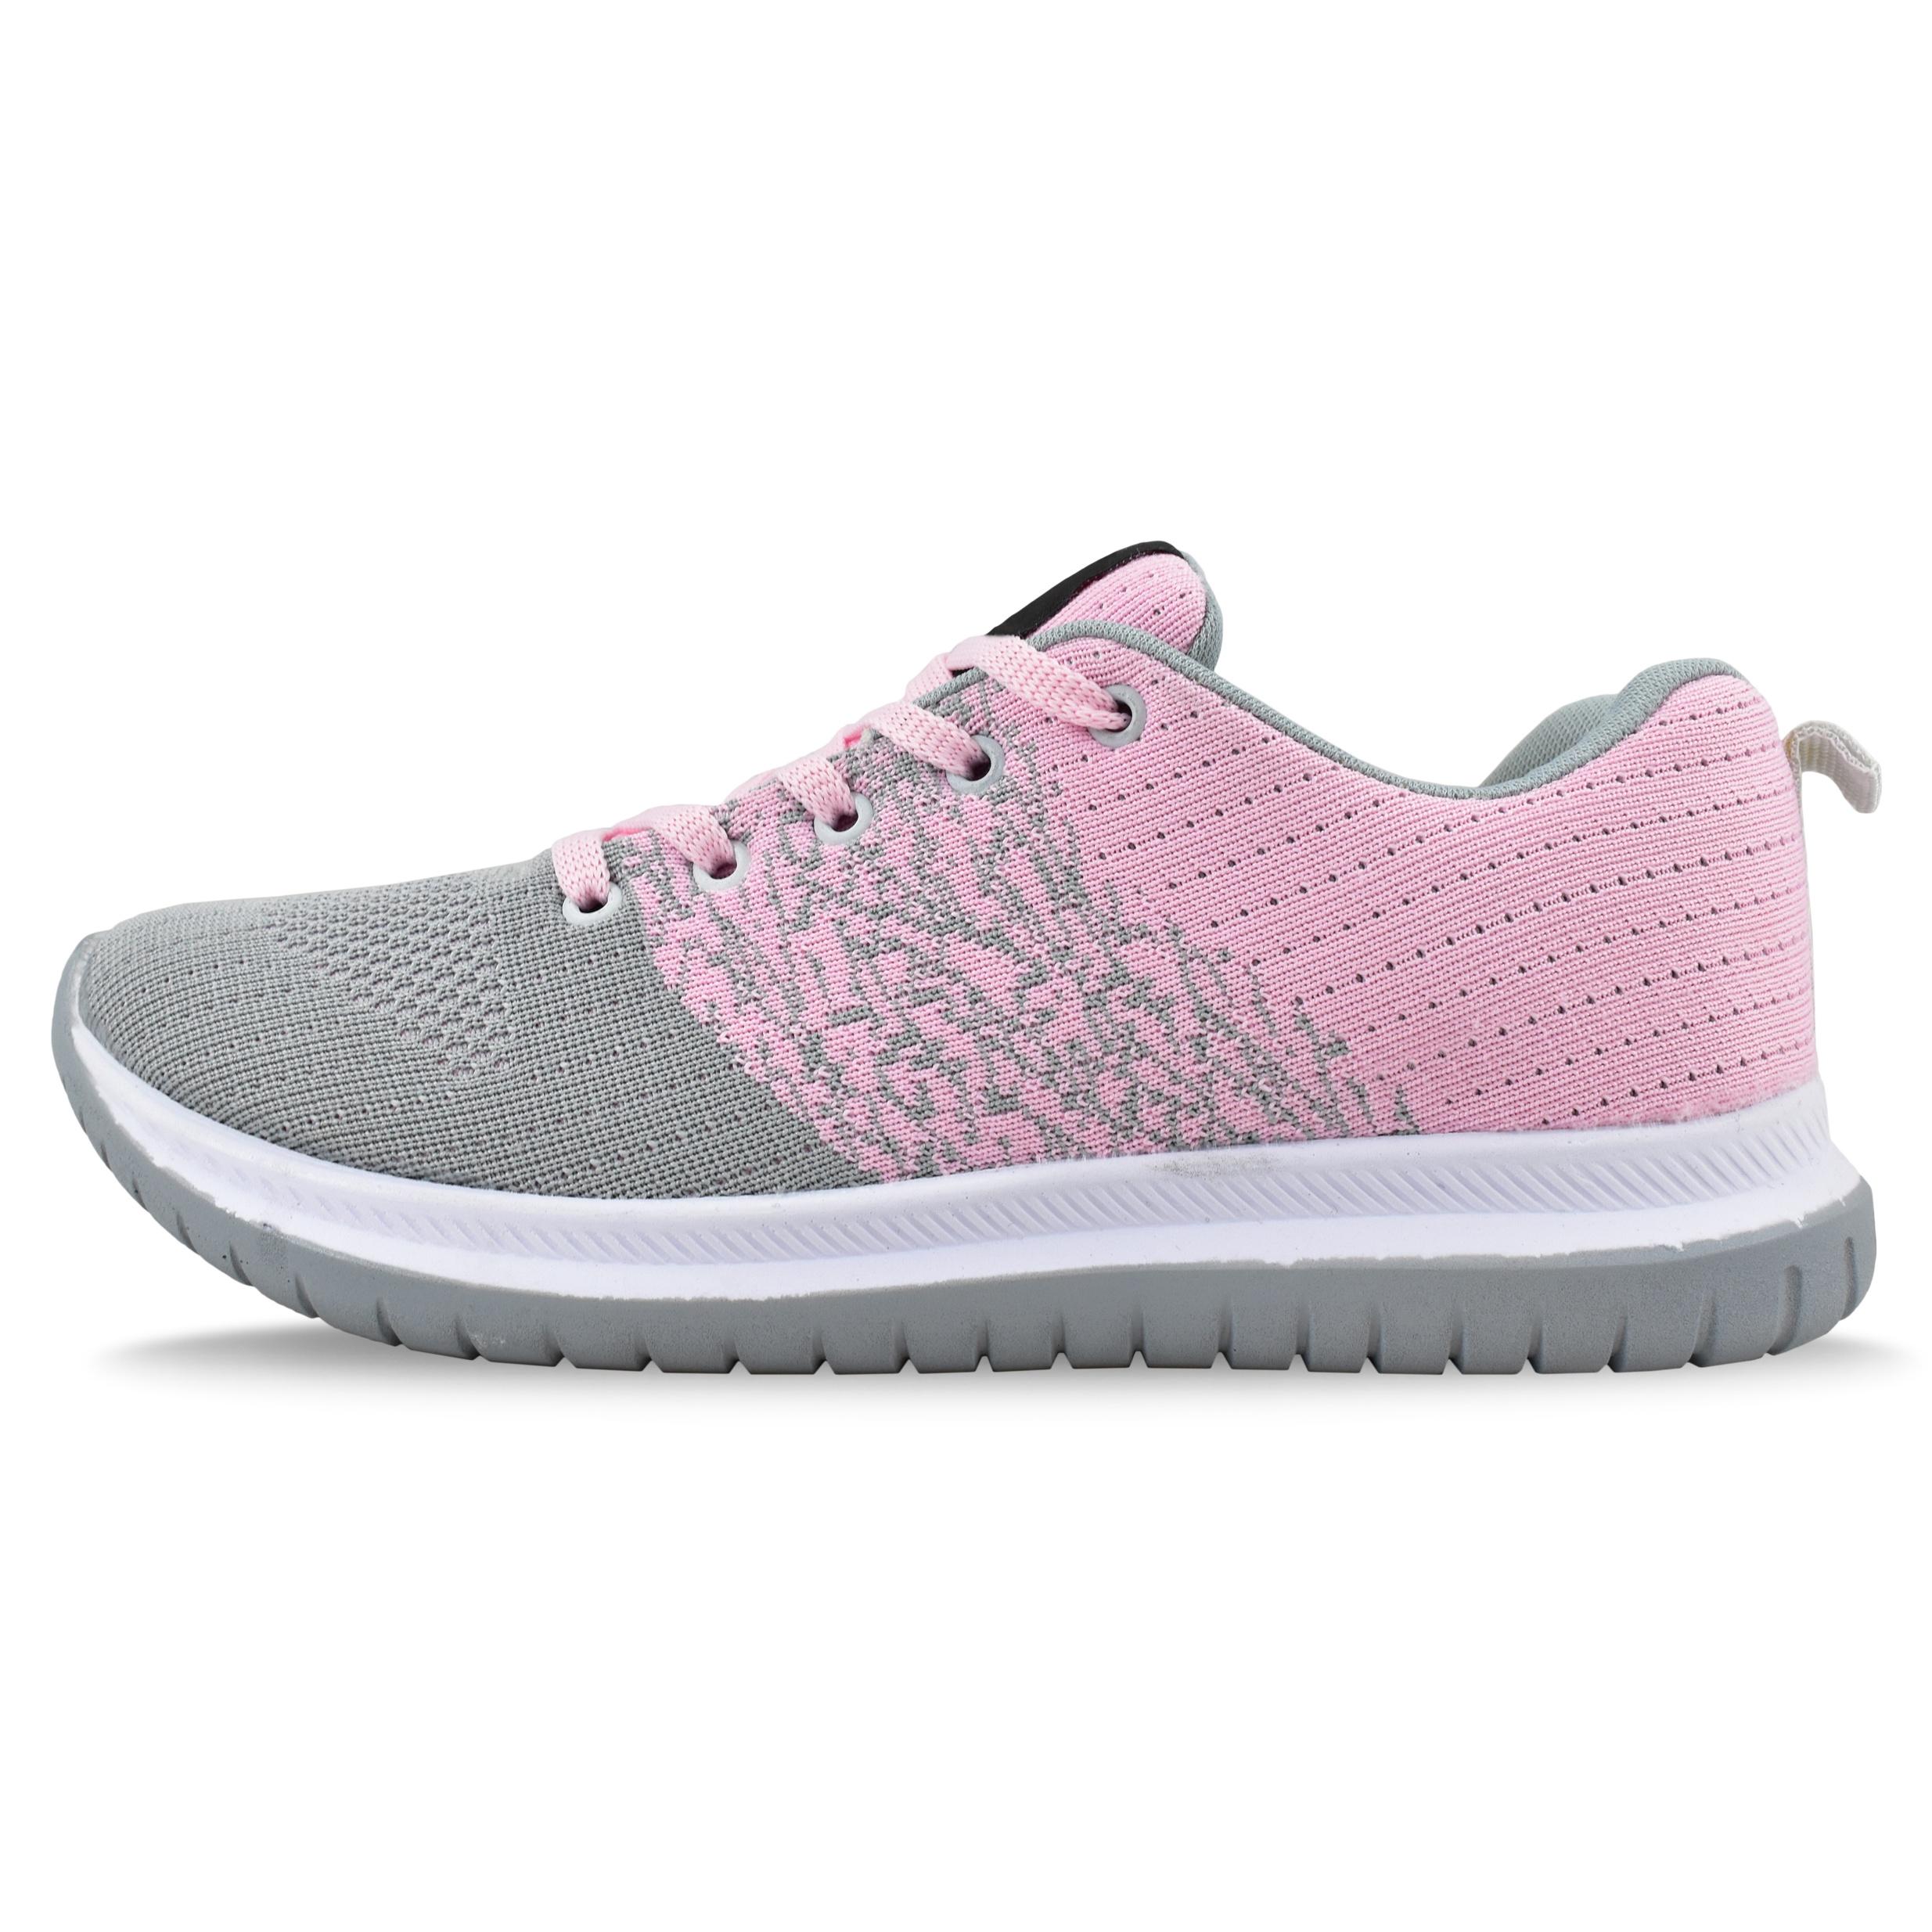 کفش مخصوص پیاده روی زنانه مدل مهرپا کد 4592              خرید